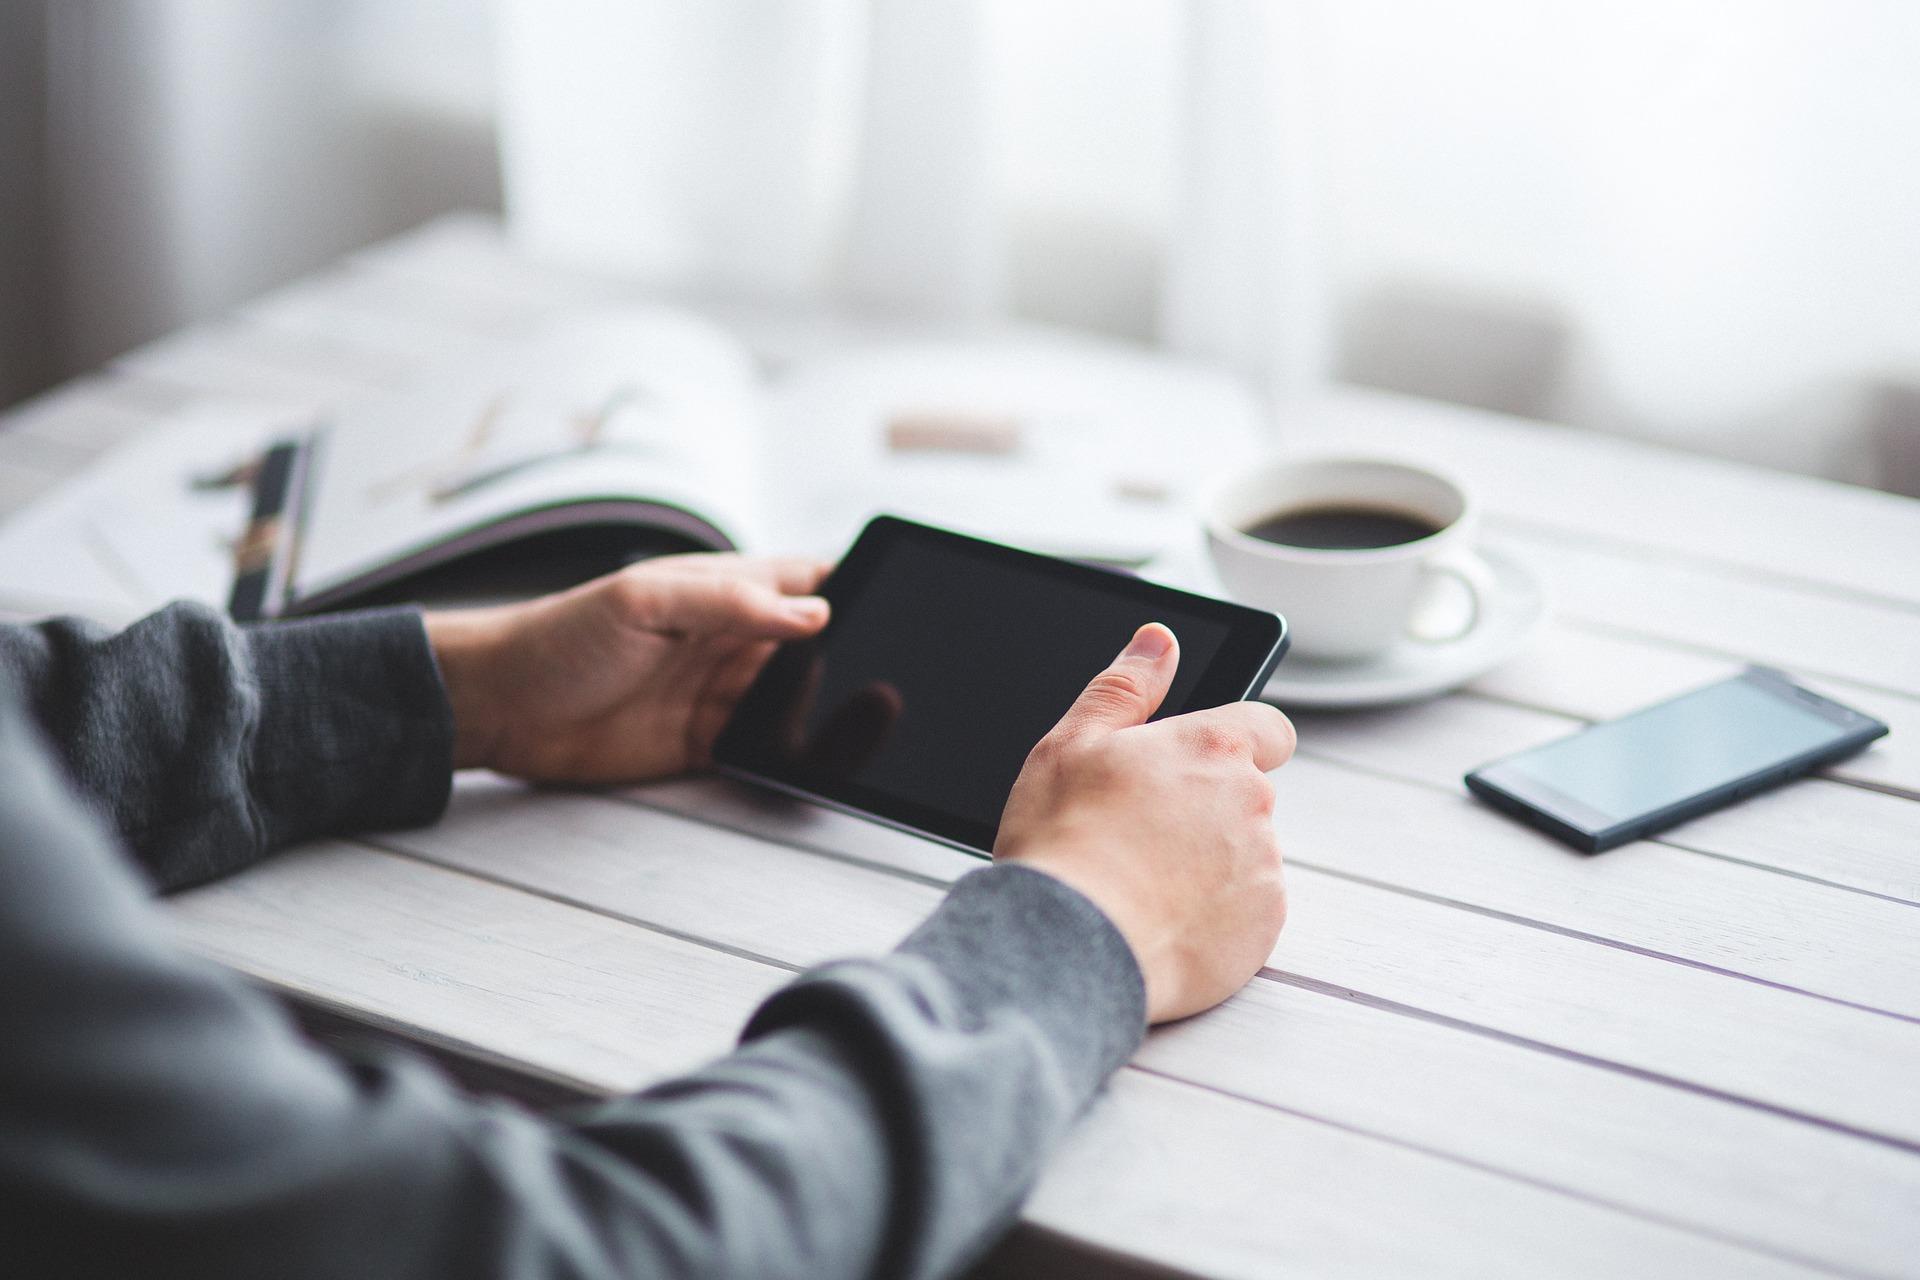 User holding tablet at desk